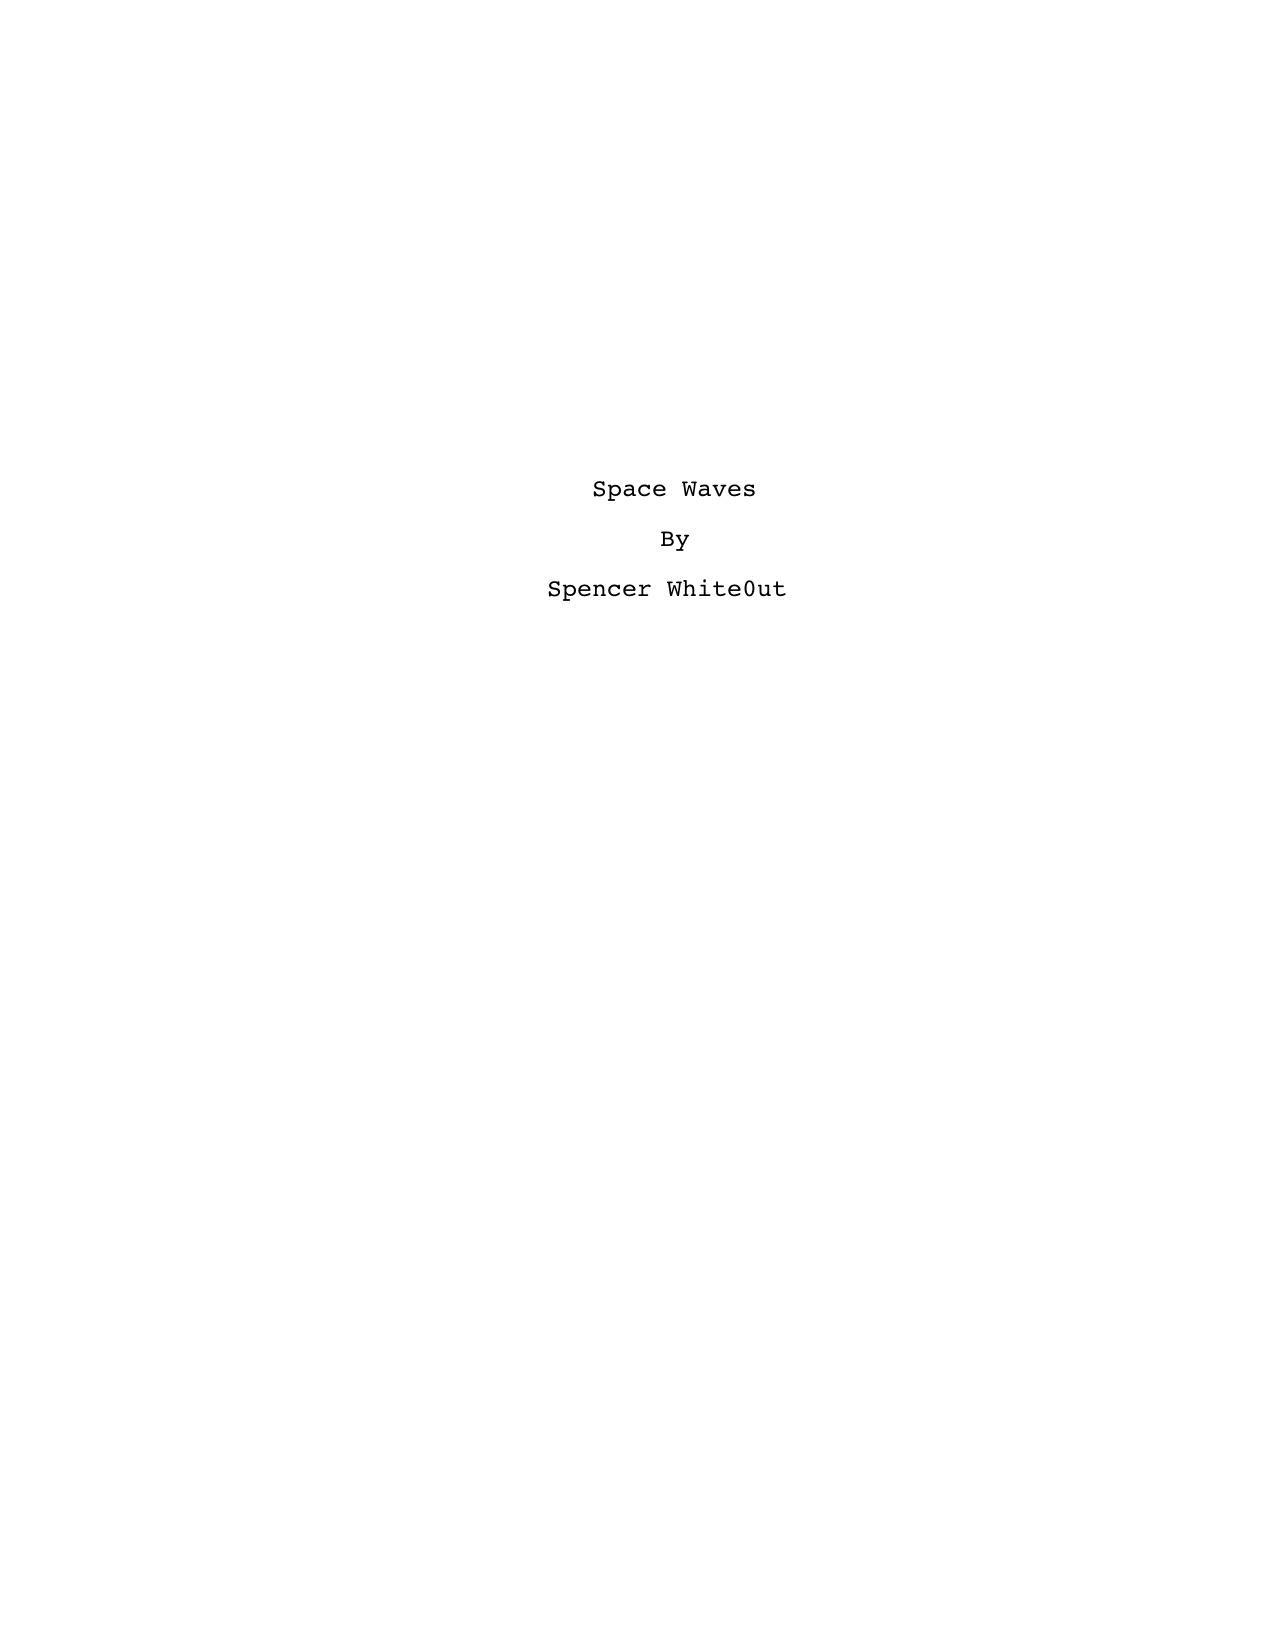 Space Waves Script Excerptp1.jpg